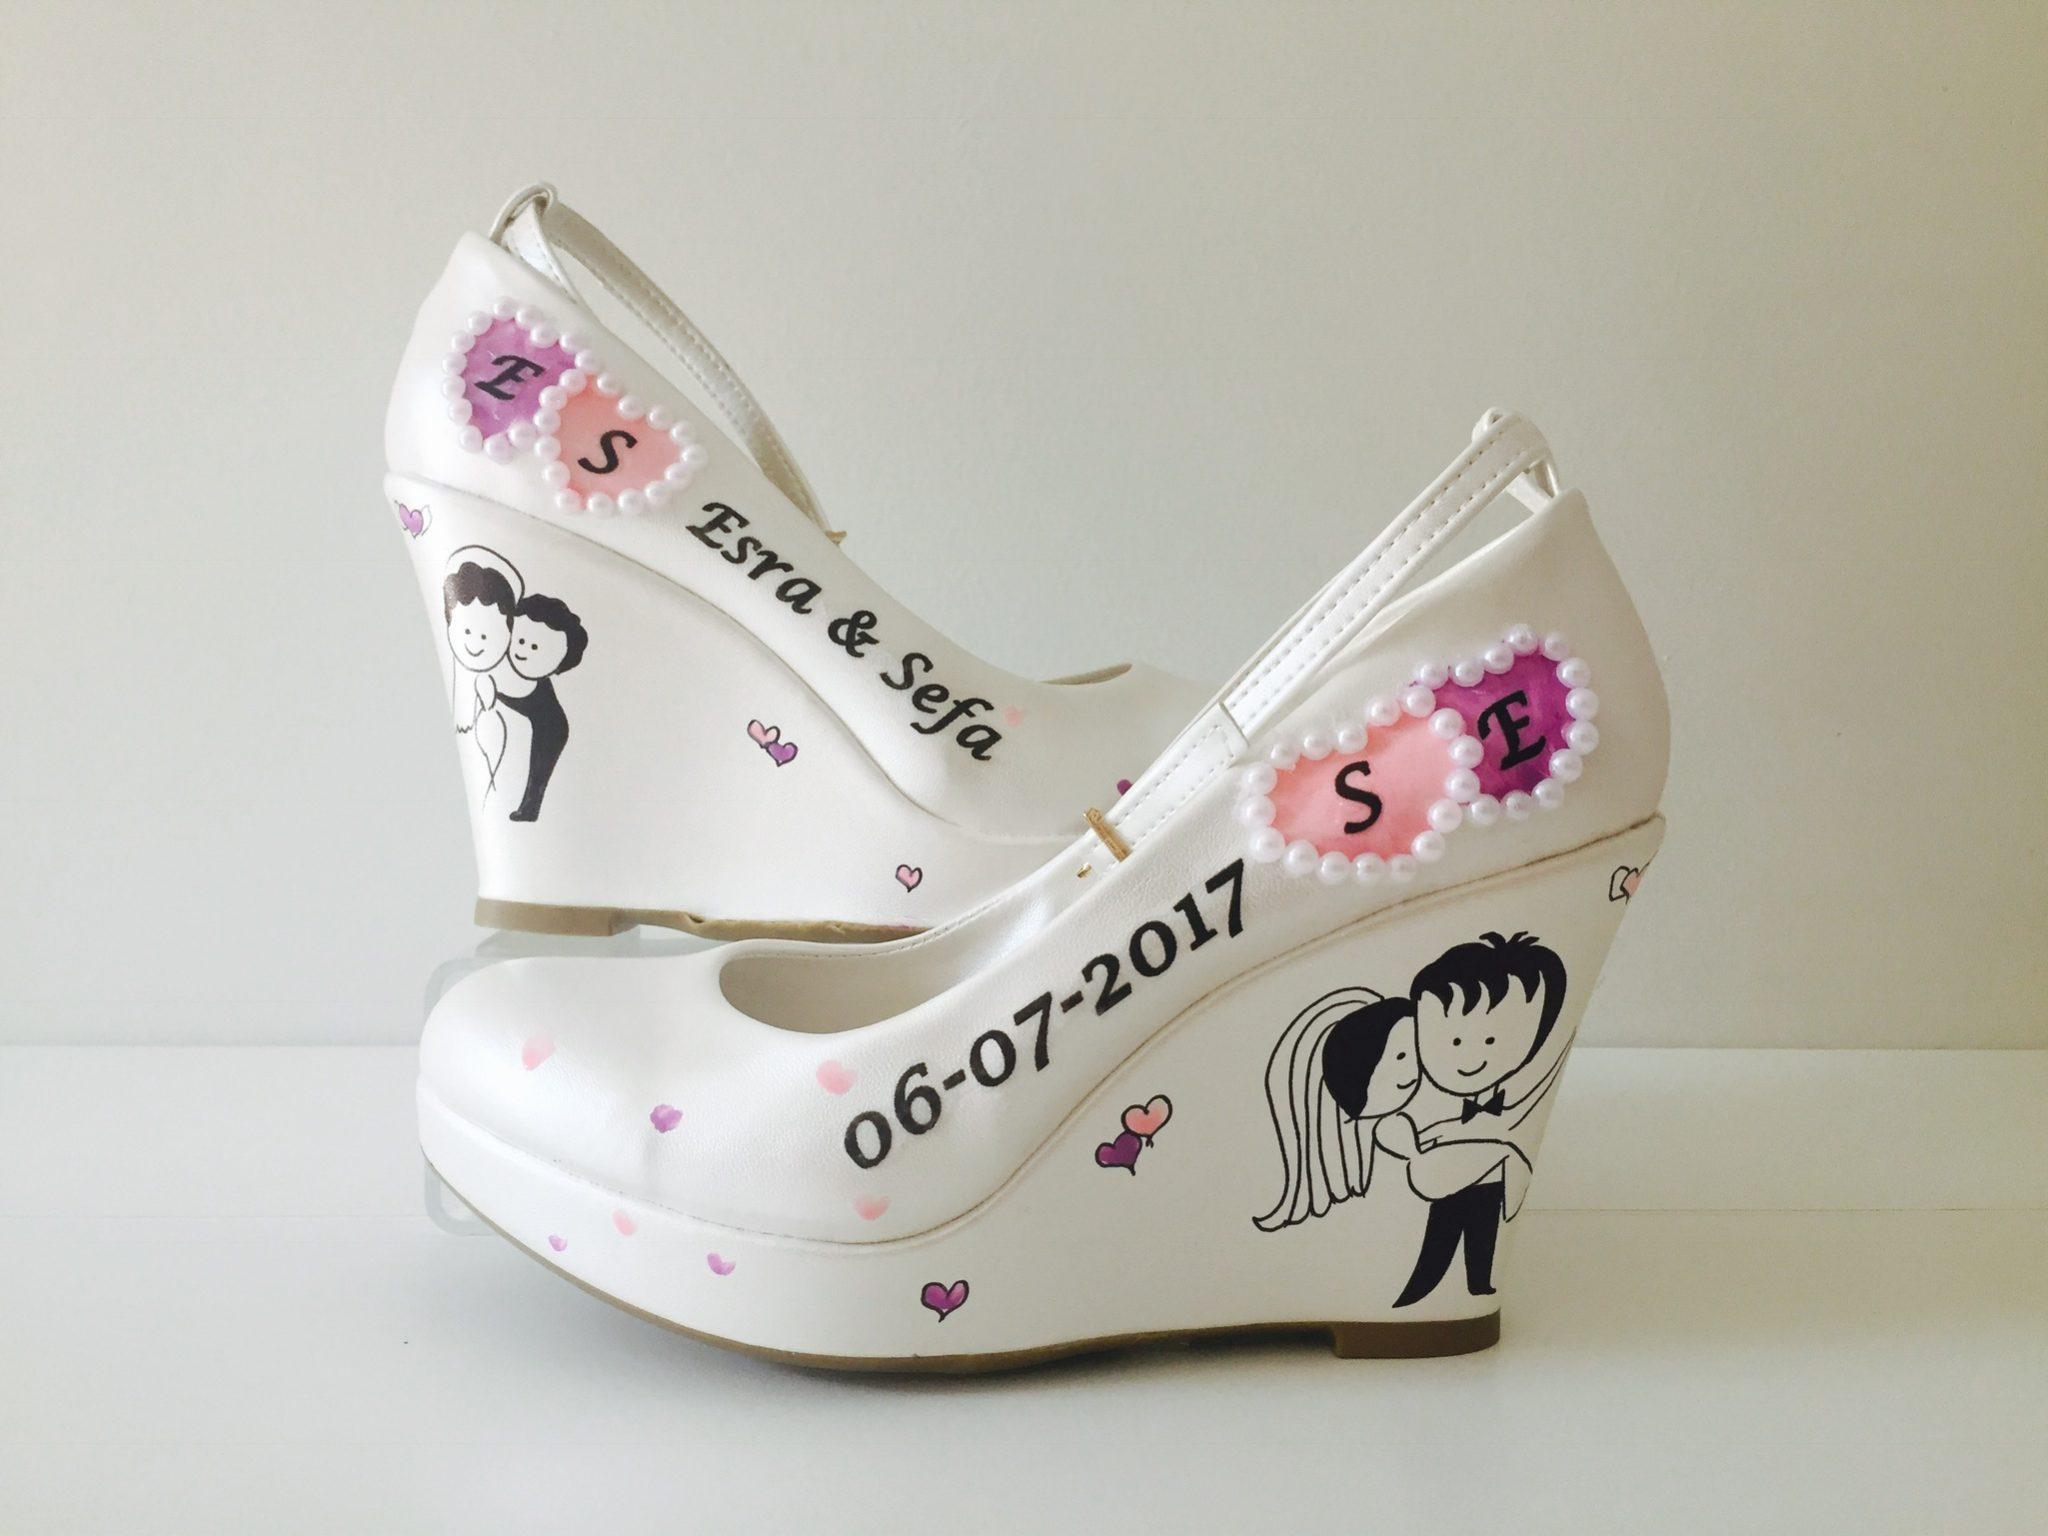 2018 Gelinlik Ayakkabı Modelleri 3 - 2018 Gelin Ayakkabılar ve Modelleri